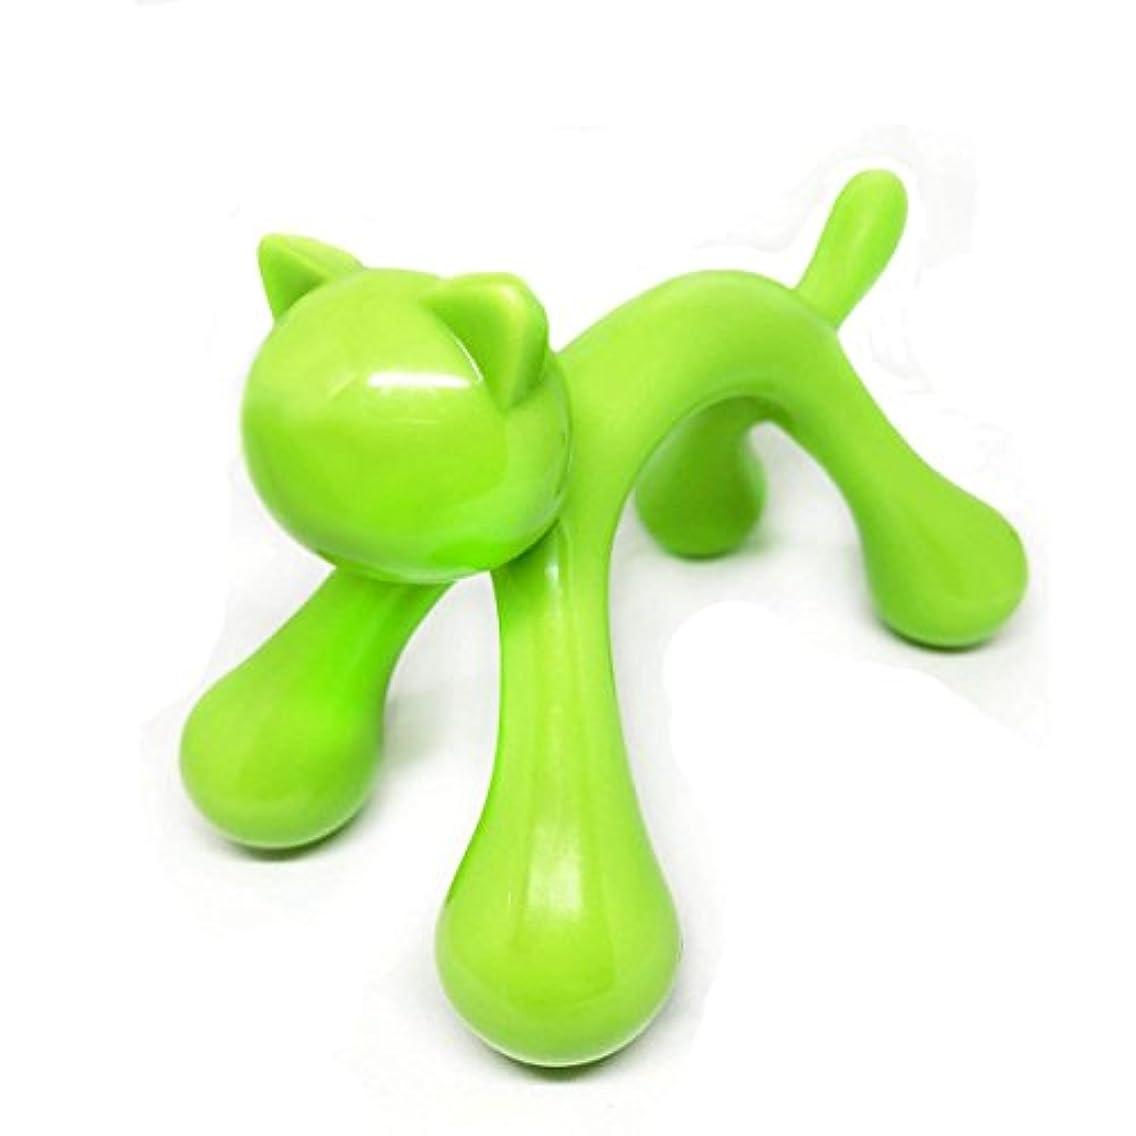 高くソファーインシュレータマッサージ棒 ツボ押しマッサージ台 握りタイプ 背中 ウッド 疲労回復 ハンド 背中 首 肩こり解消 可愛いネコ型 (グリーン)